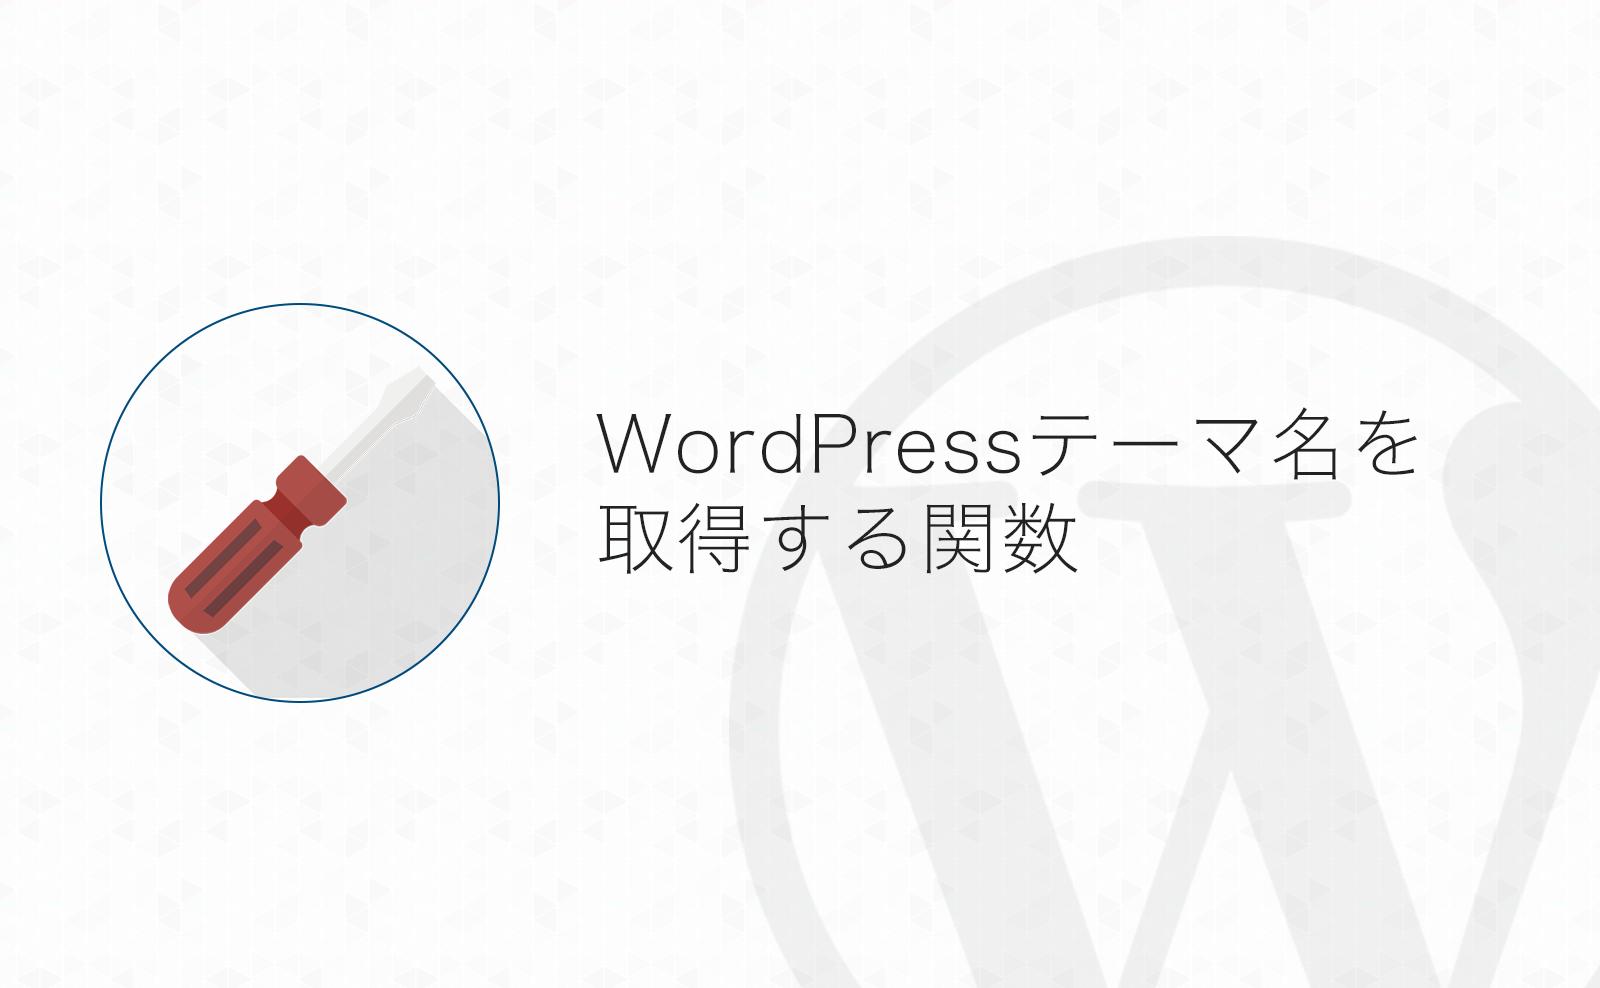 【WordPress】現在使っているテーマの名前を取得・表示する方法